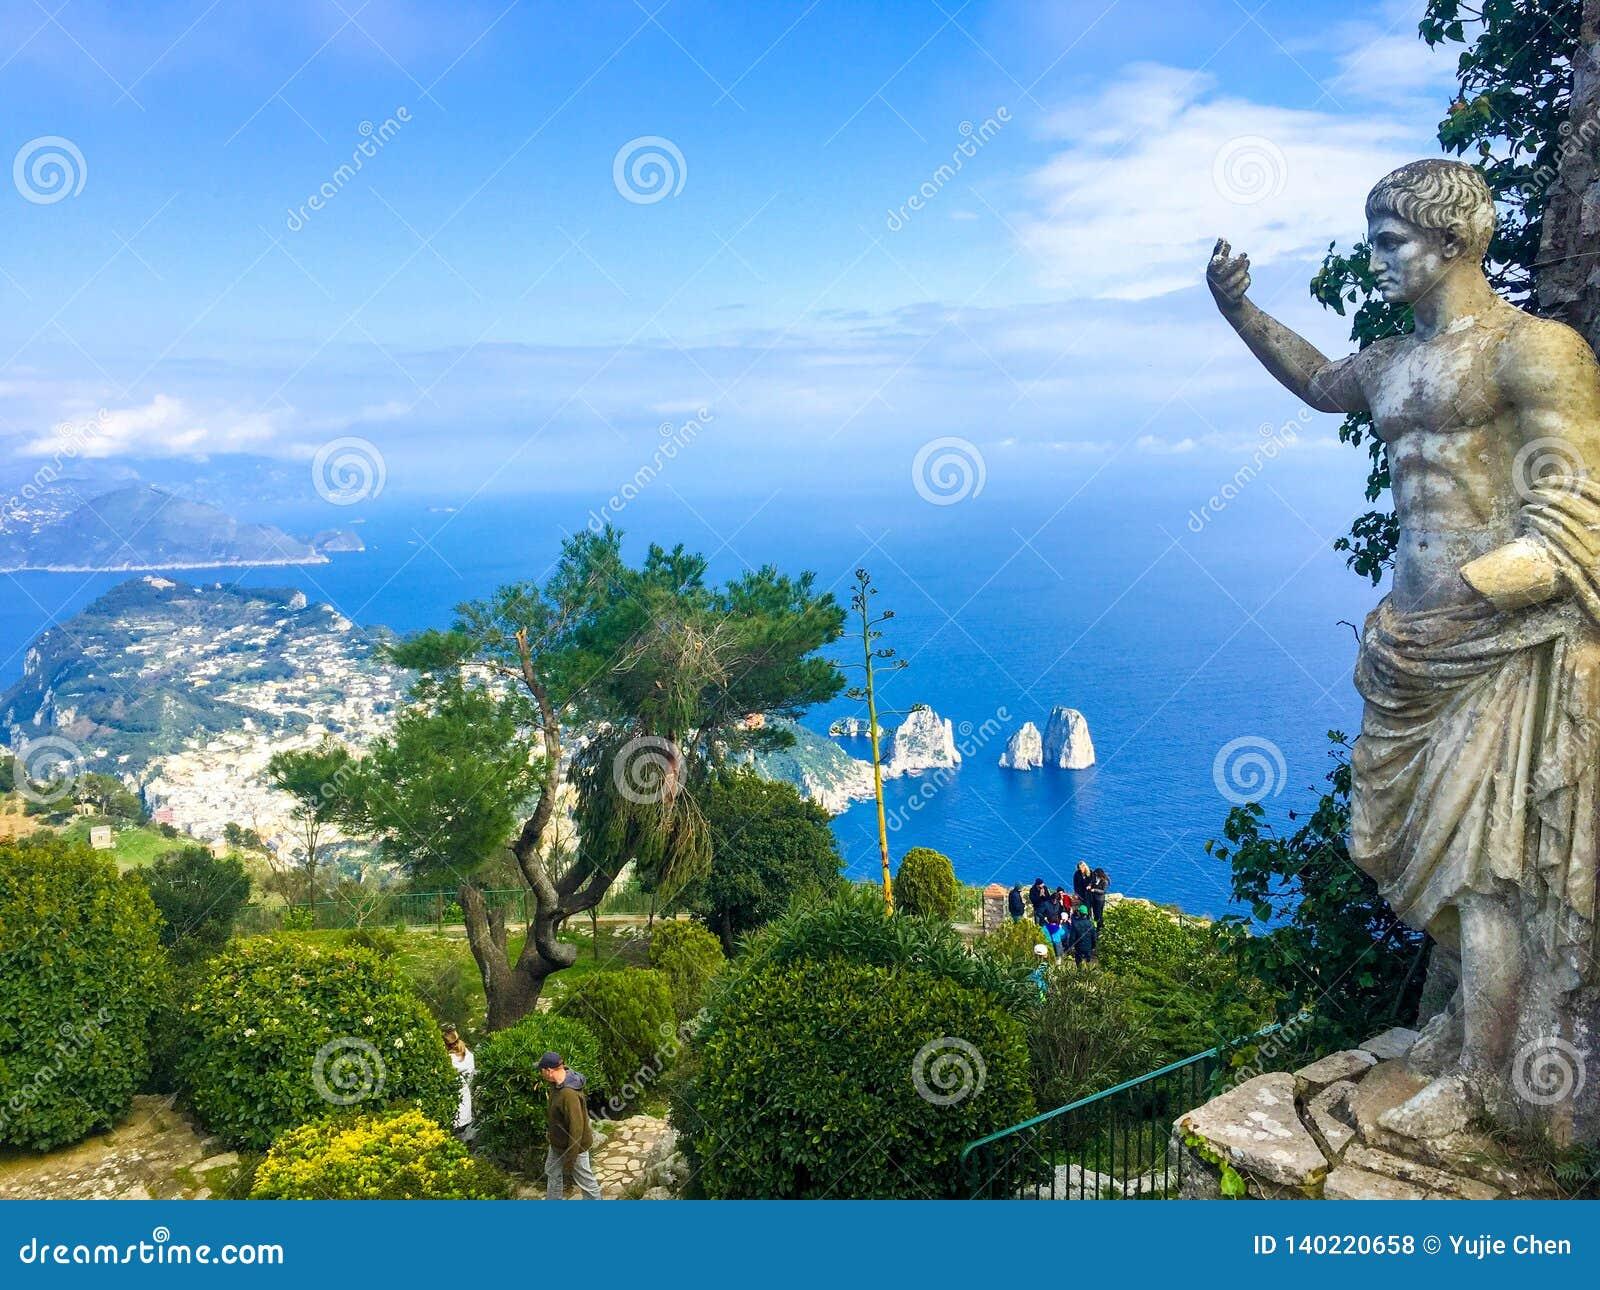 Statue of Emperor Augustus